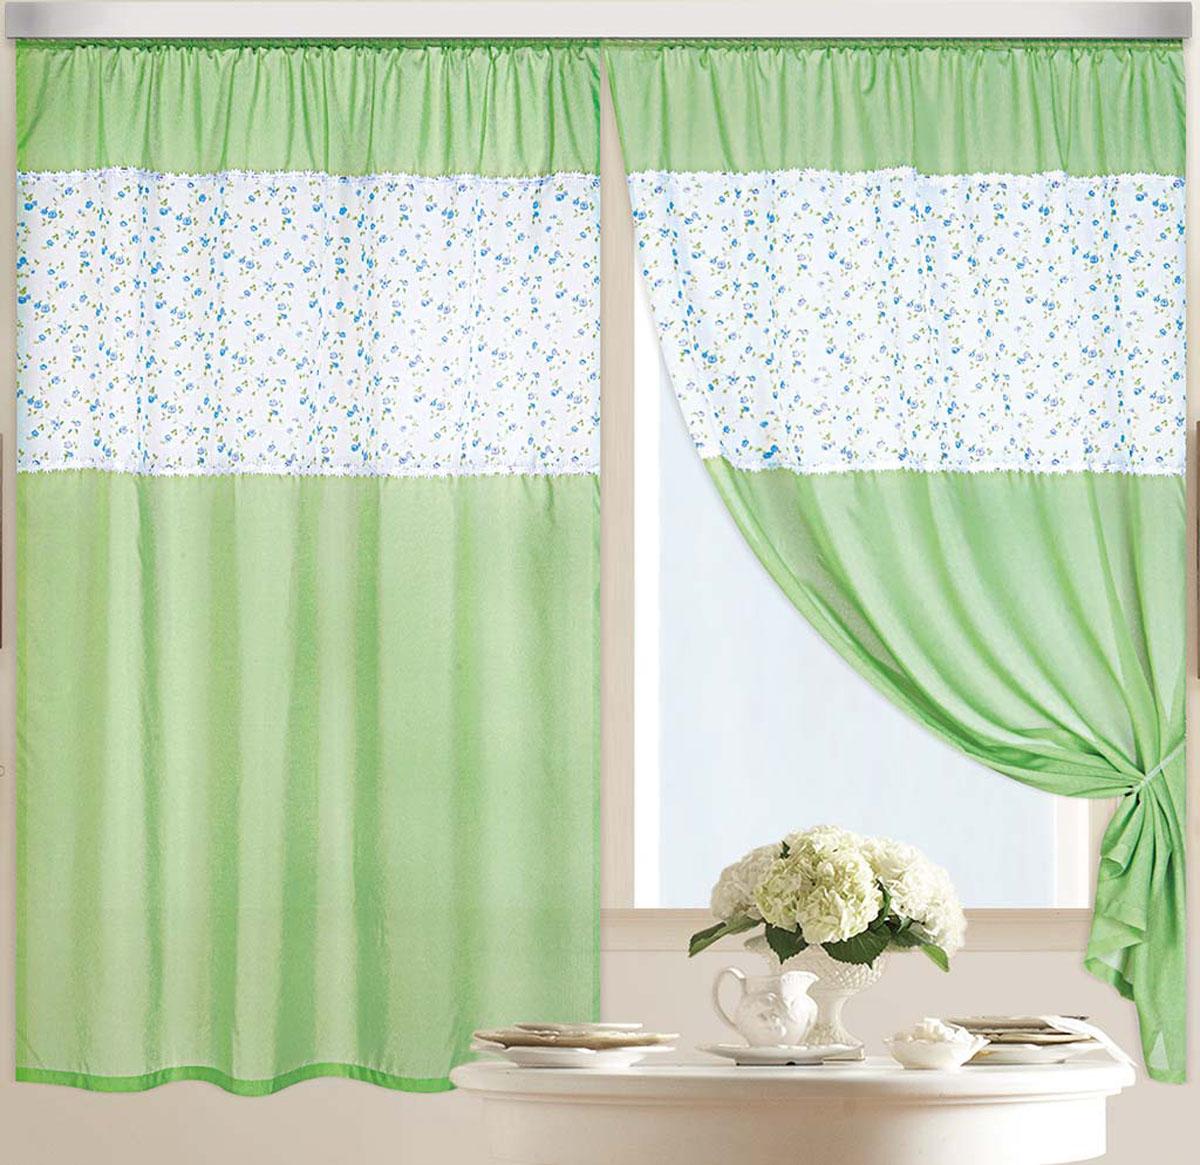 Штора Аромат лета, на ленте, цвет: зеленый, белый, синий, высота 180 смS03301004Легкая ткань под льняное полотно с кружевом в виде цветочков на швах. Стирка не более 30 градусов